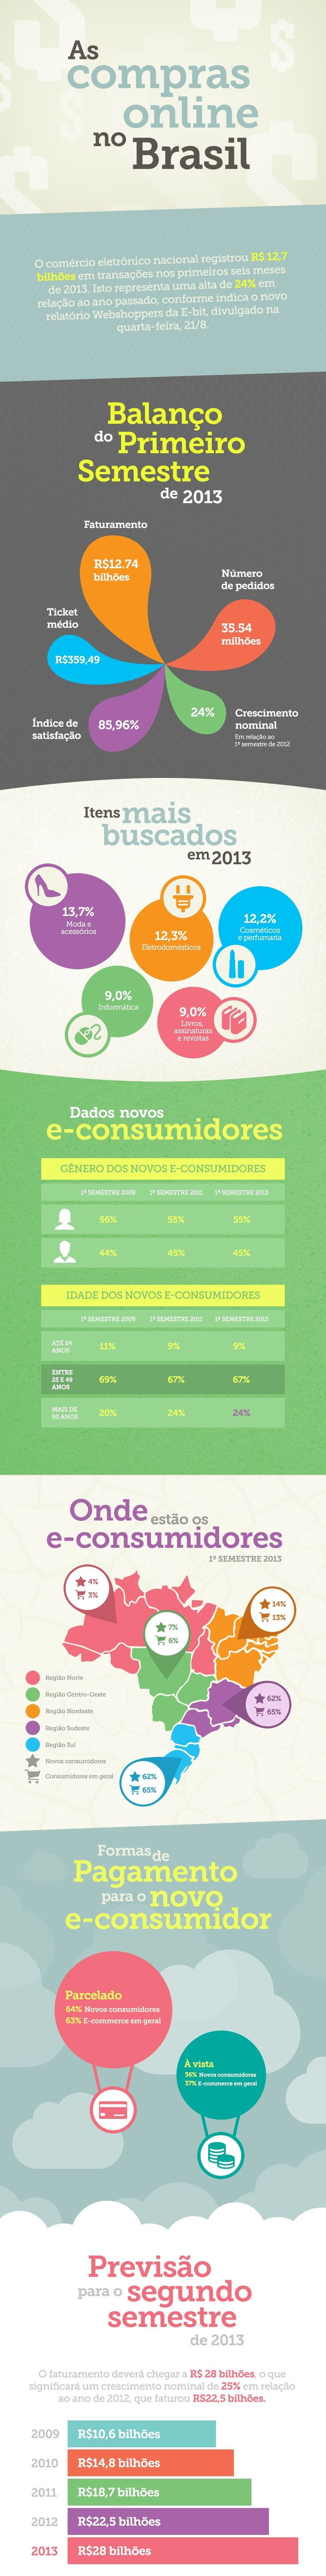 O que os brasileiros compram na internet?